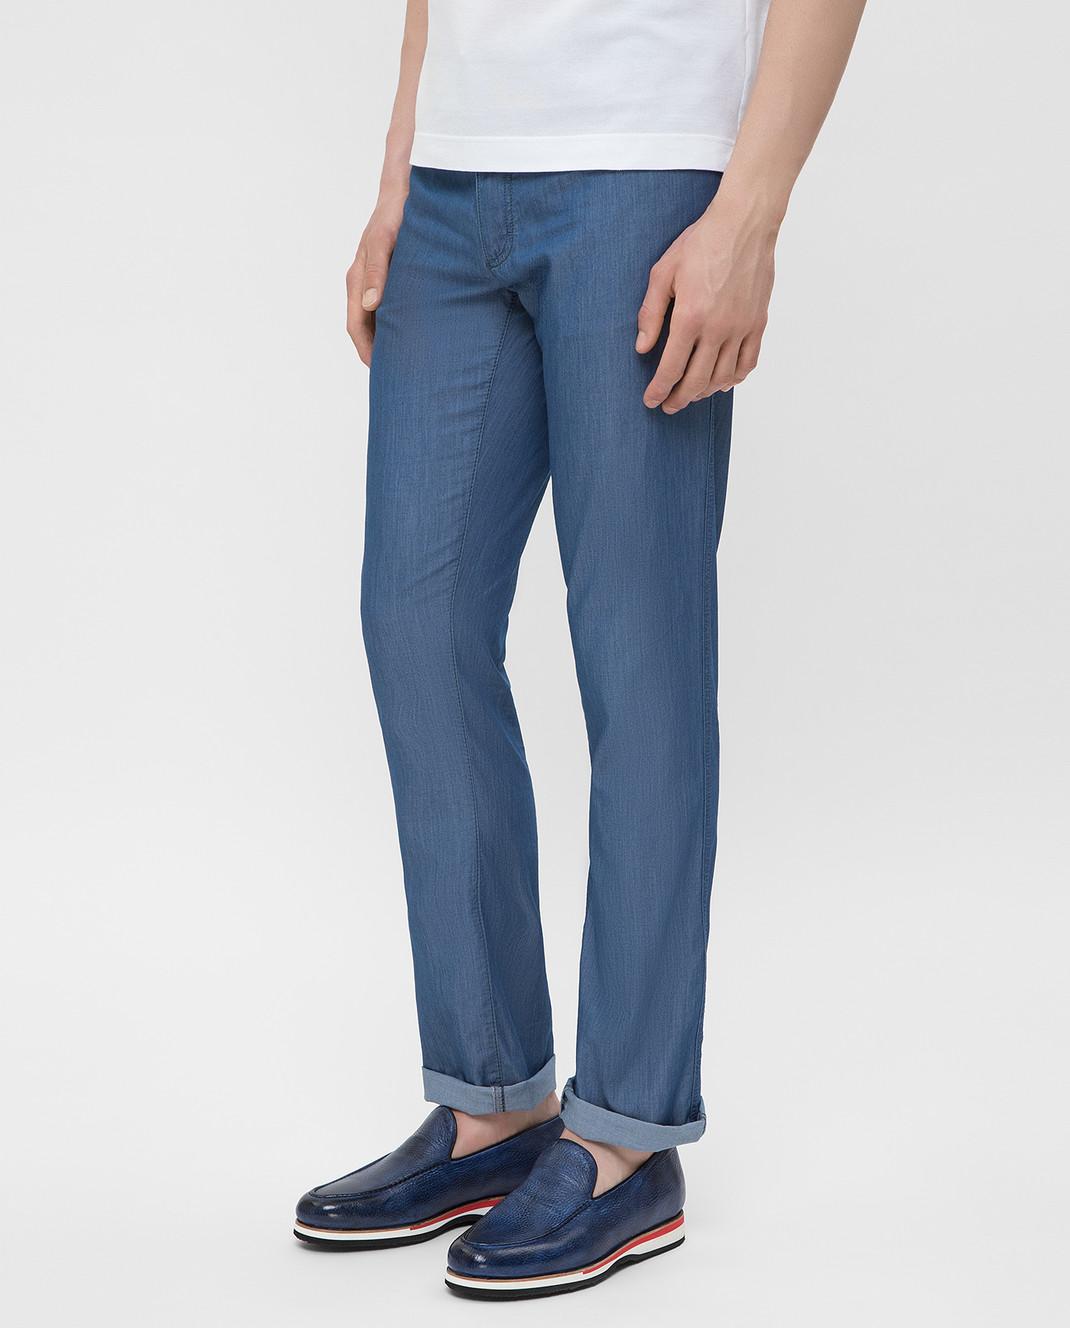 Castello d'Oro Синие джинсы изображение 3